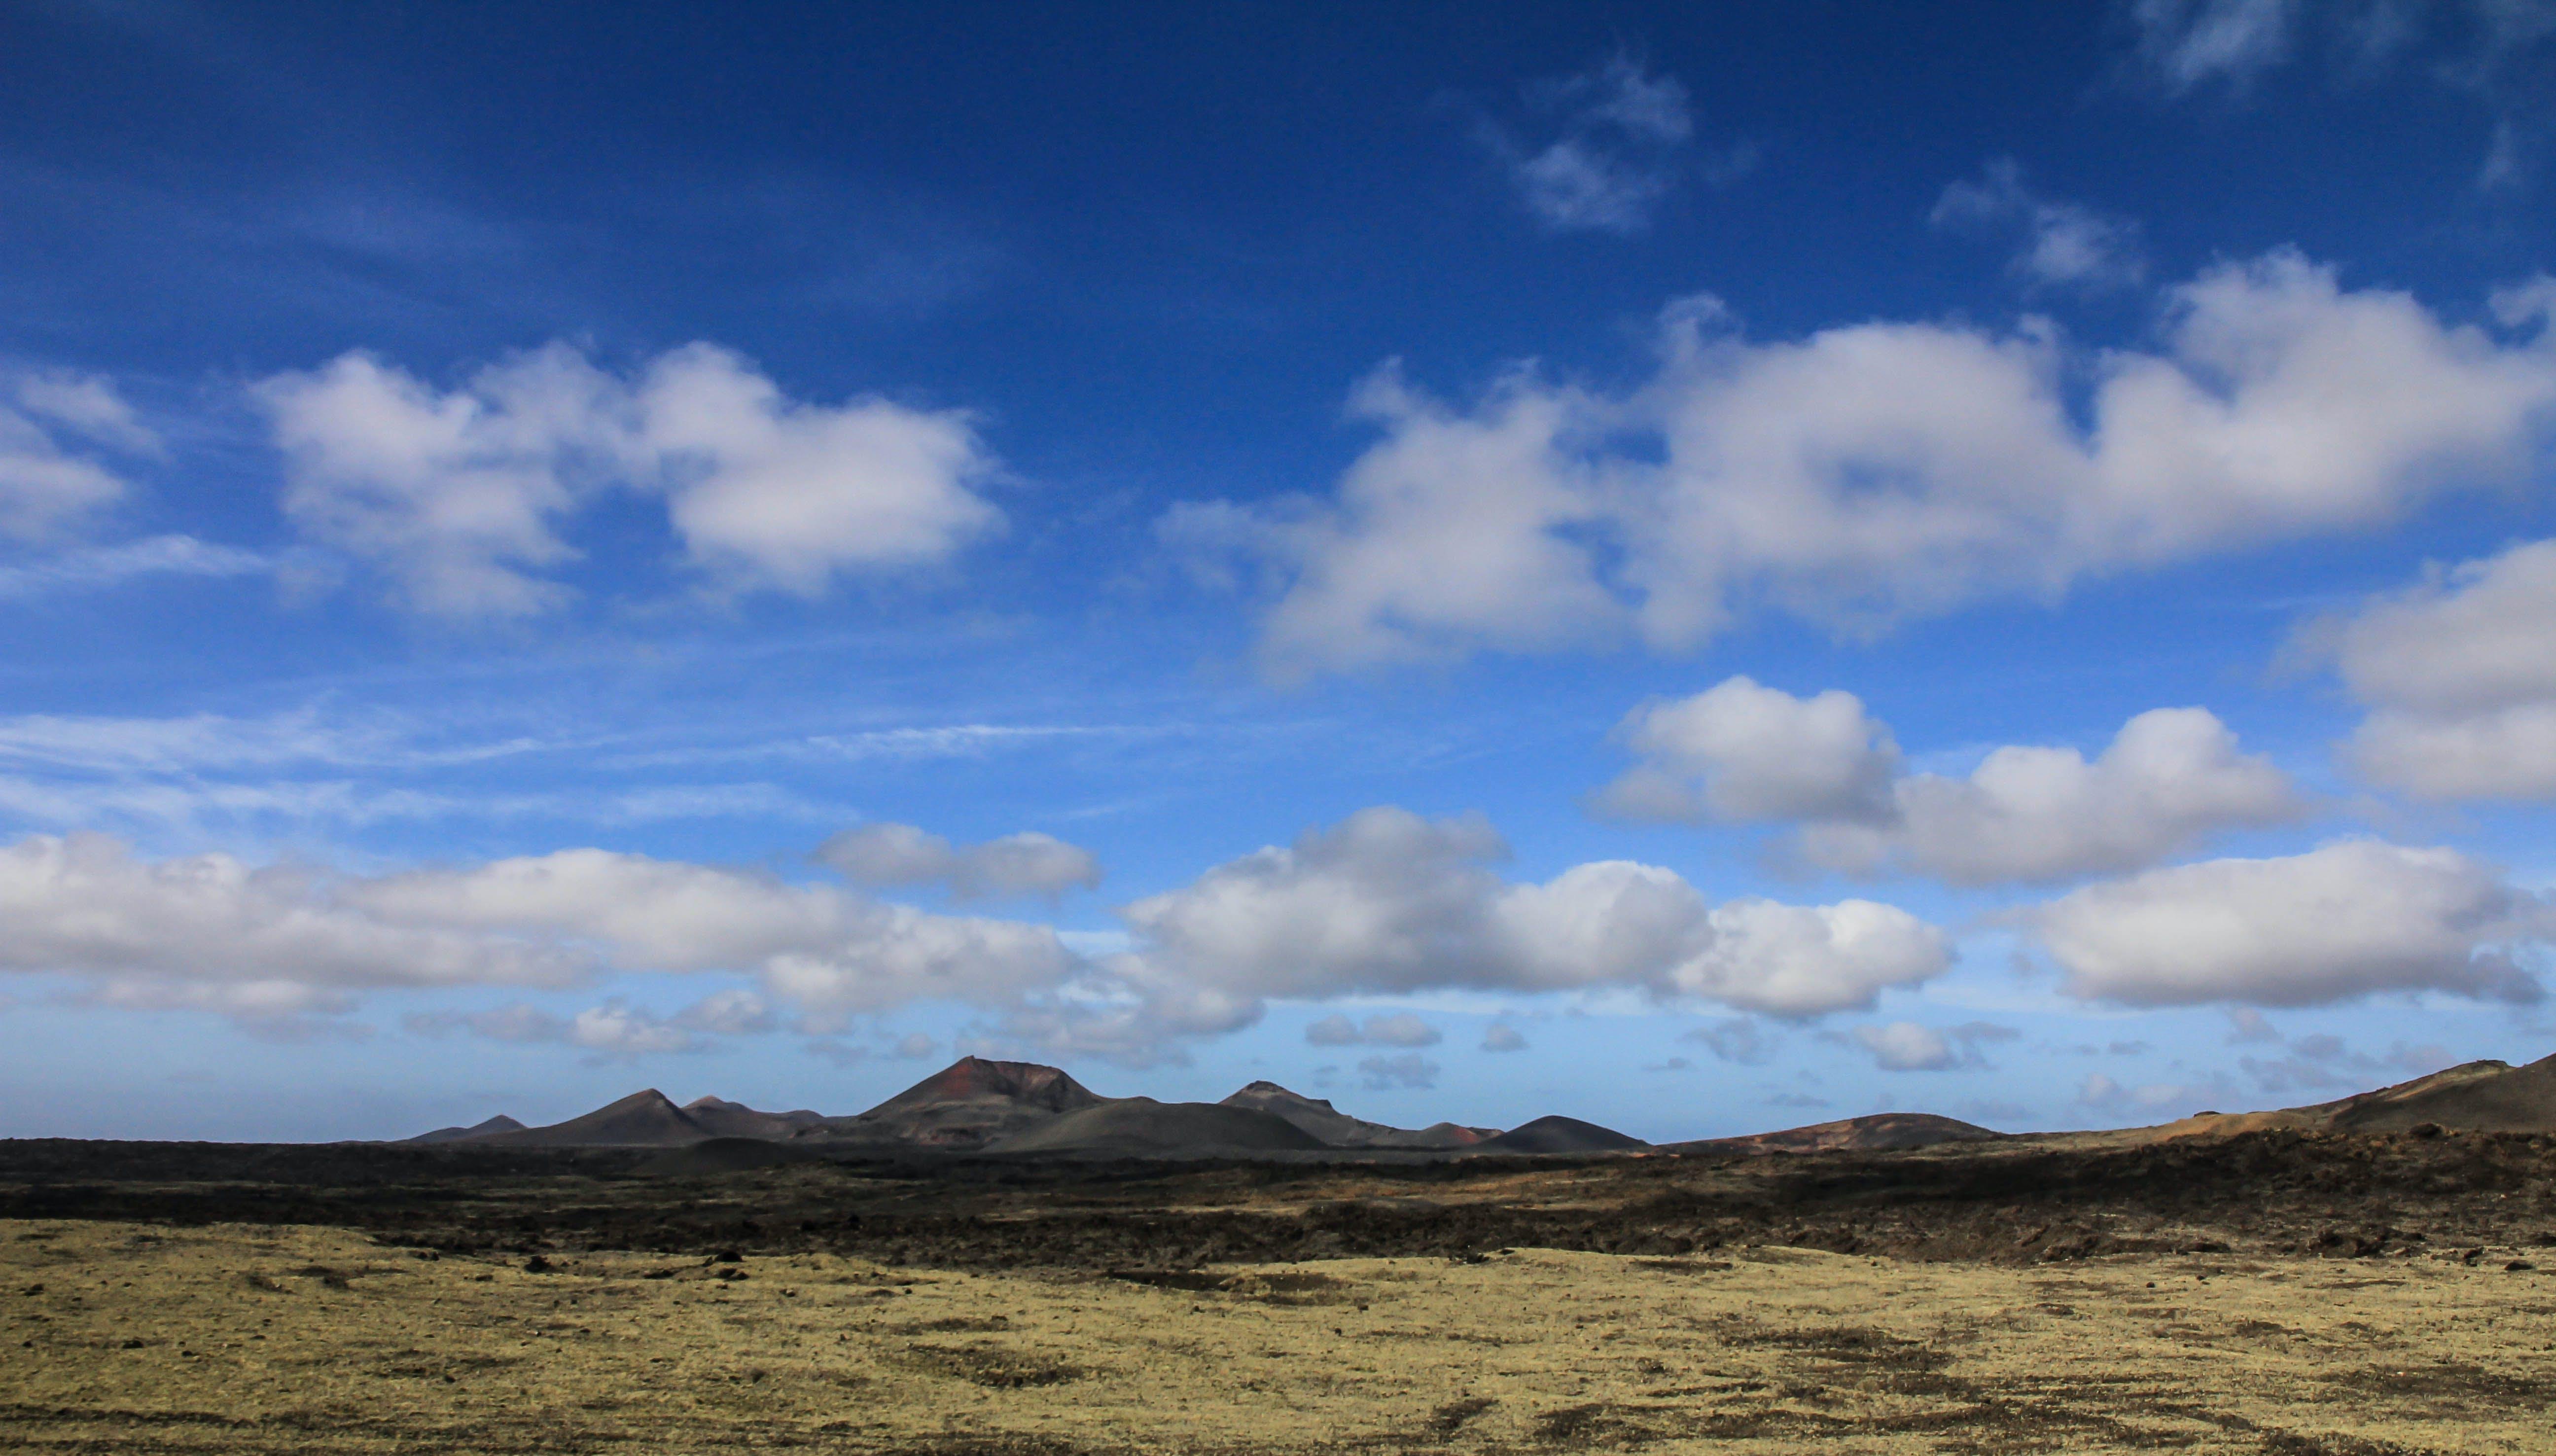 Gratis lagerfoto af bjerge, dagslys, himmel, landskab